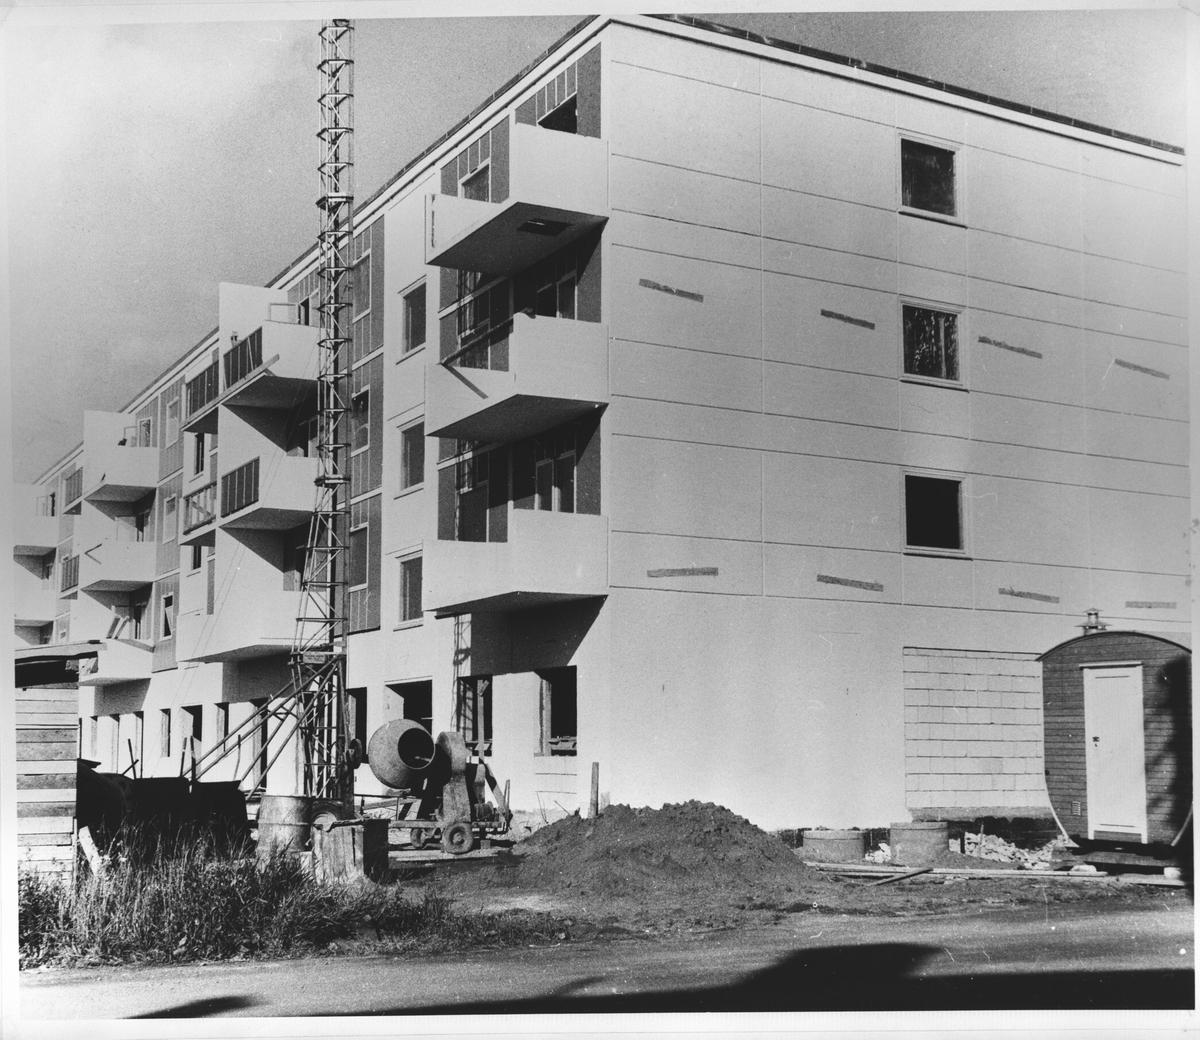 Oppføring av boligblokk i Lillestrøm.